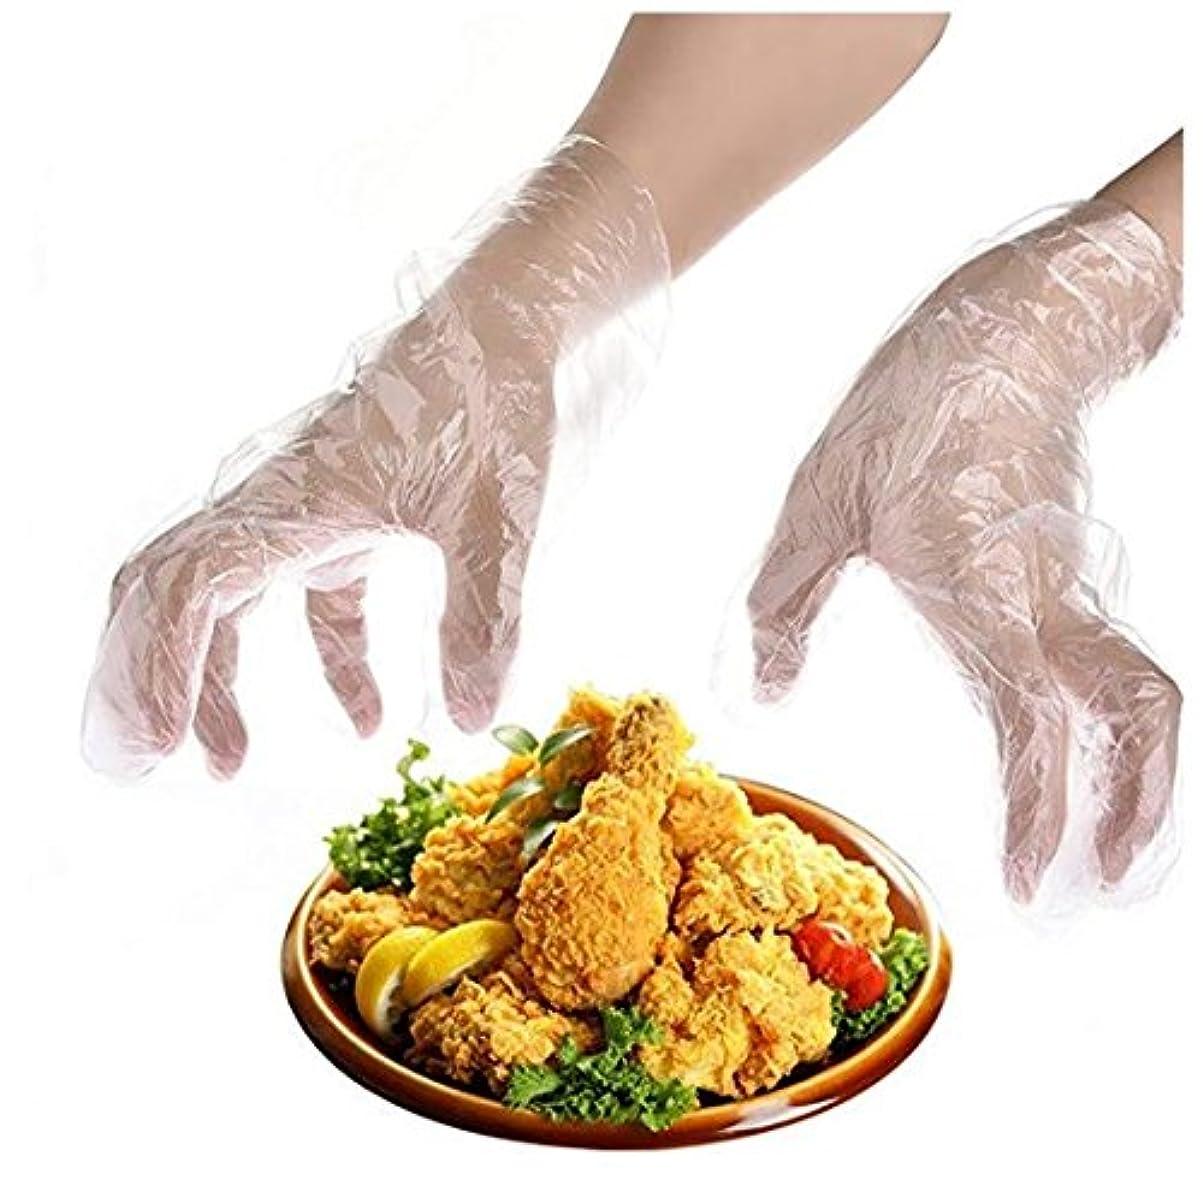 。休日オーラルHeyuni.使い捨て手袋 極薄ビニール手袋 ポリエチレン 透明 実用 衛生 100枚